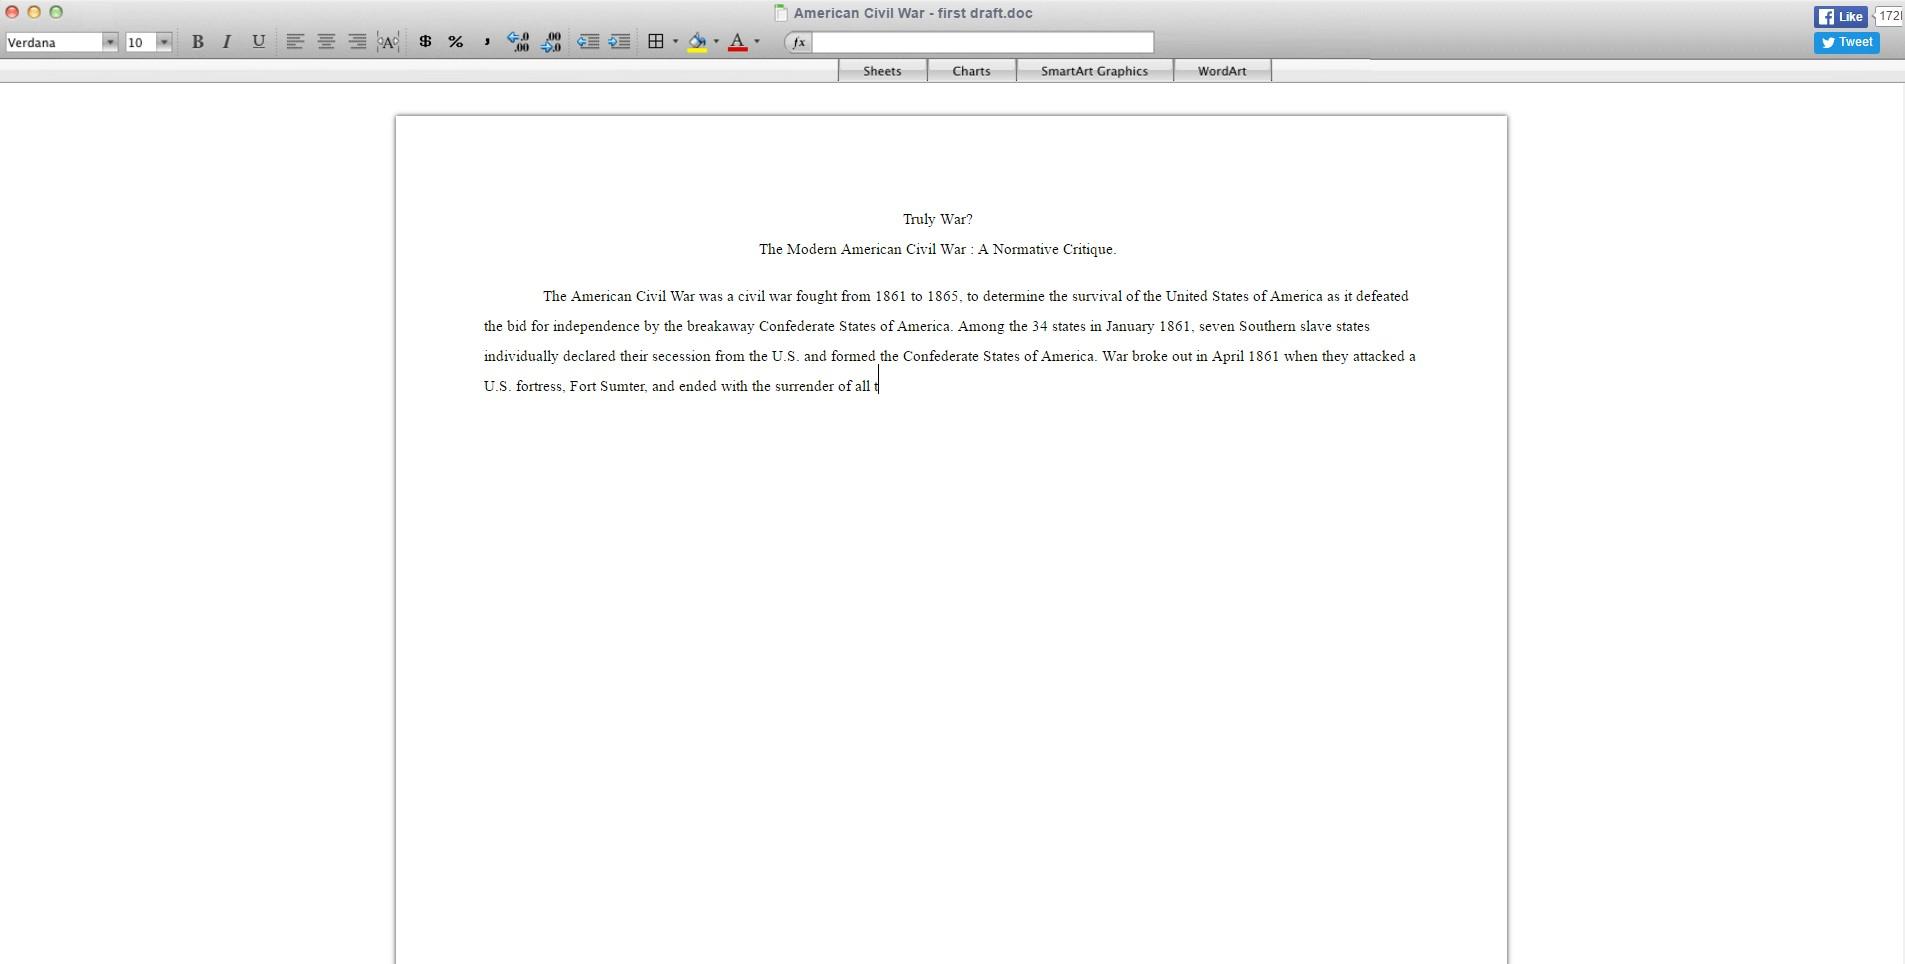 001 Essaytyper 106969 Fullformatjpgwidth1600height1600modeminupscalefalse Essay Typer Website Formidable Full